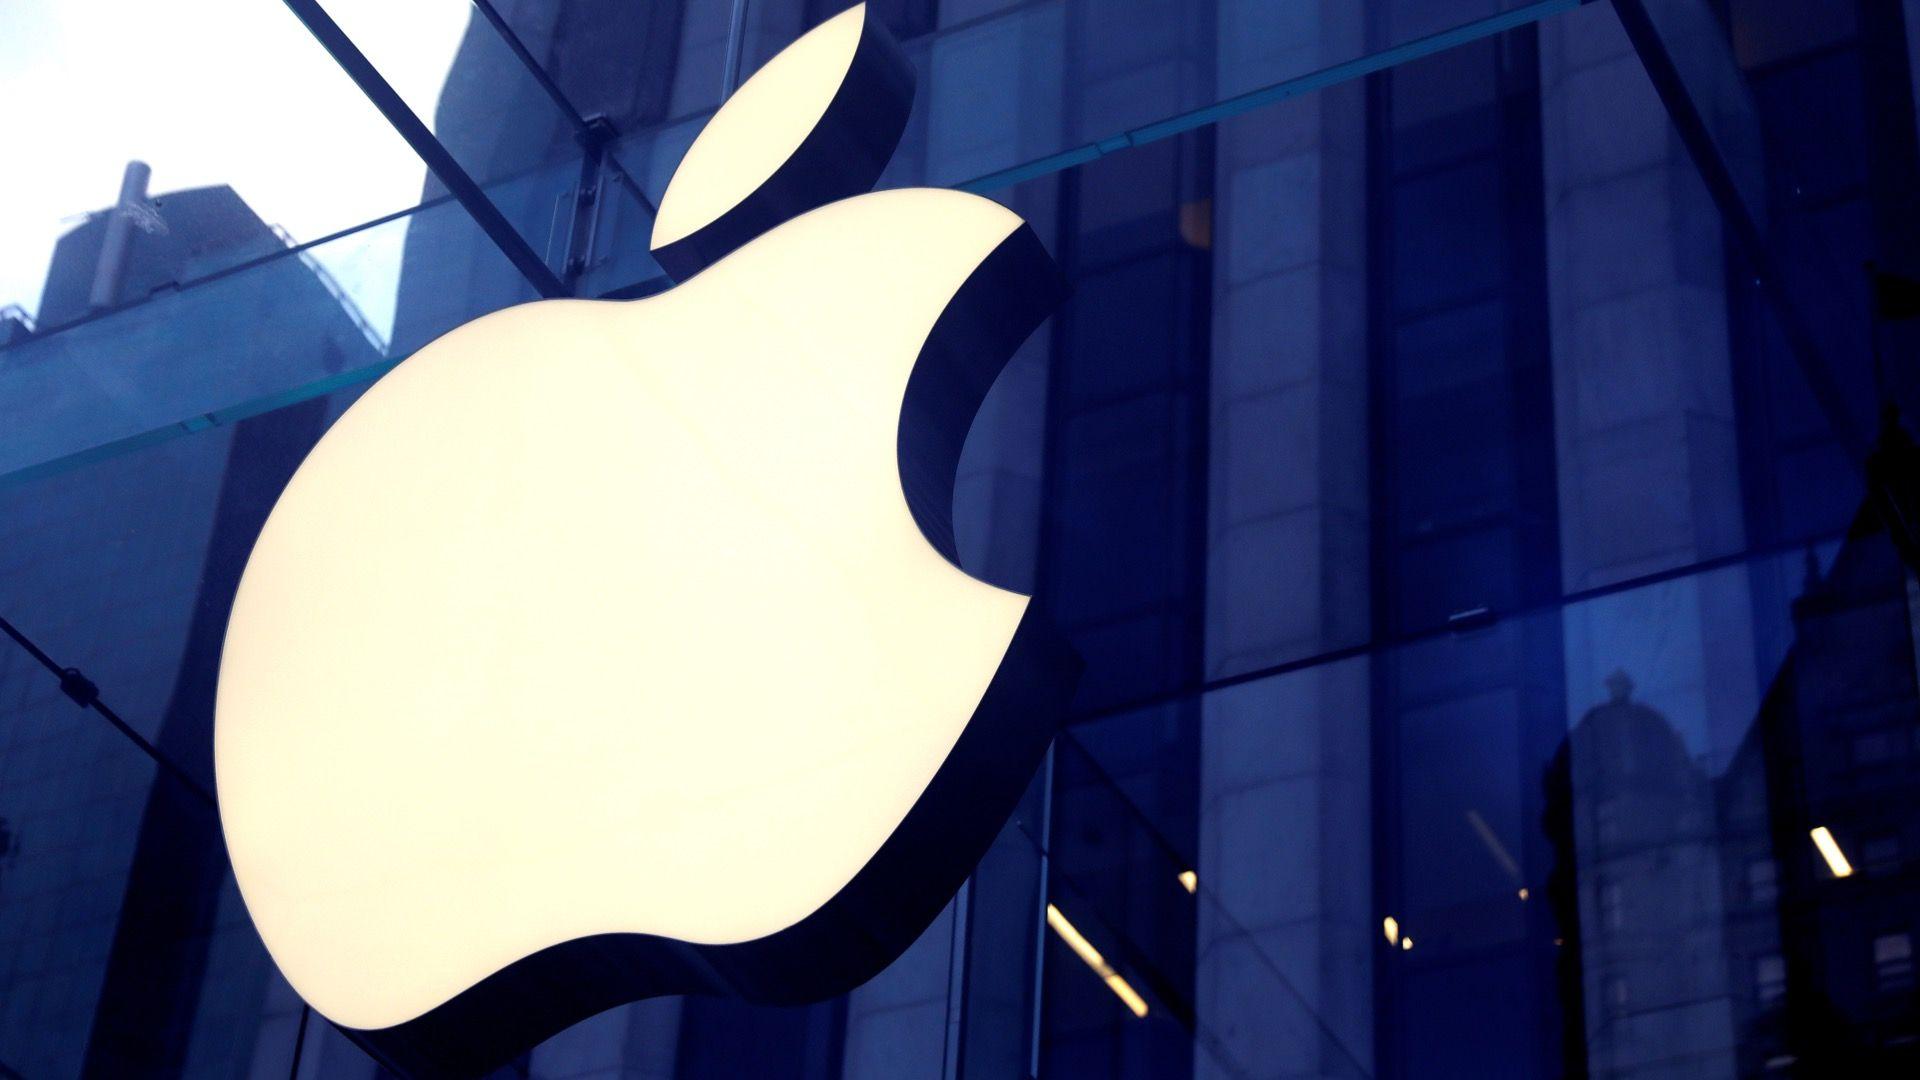 うわさのApple Car、24年までに生産開始か 韓国・現代自と交渉(小久保重信) - 個人 - Yahoo!ニュース